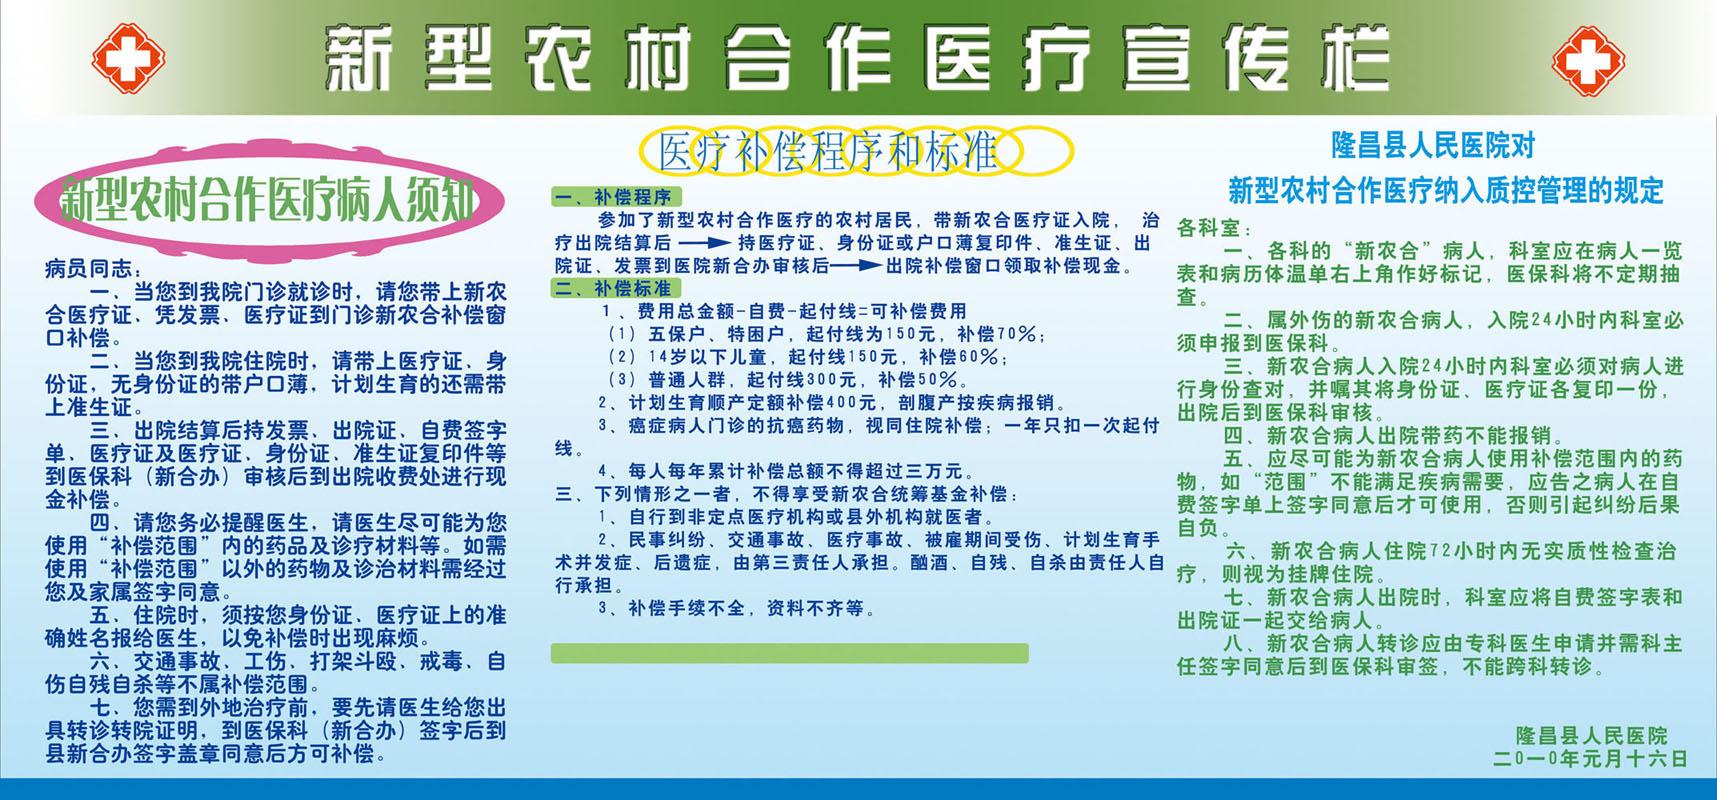 海报展板卓画家居饰品G98/59职工医保政策宣传专栏